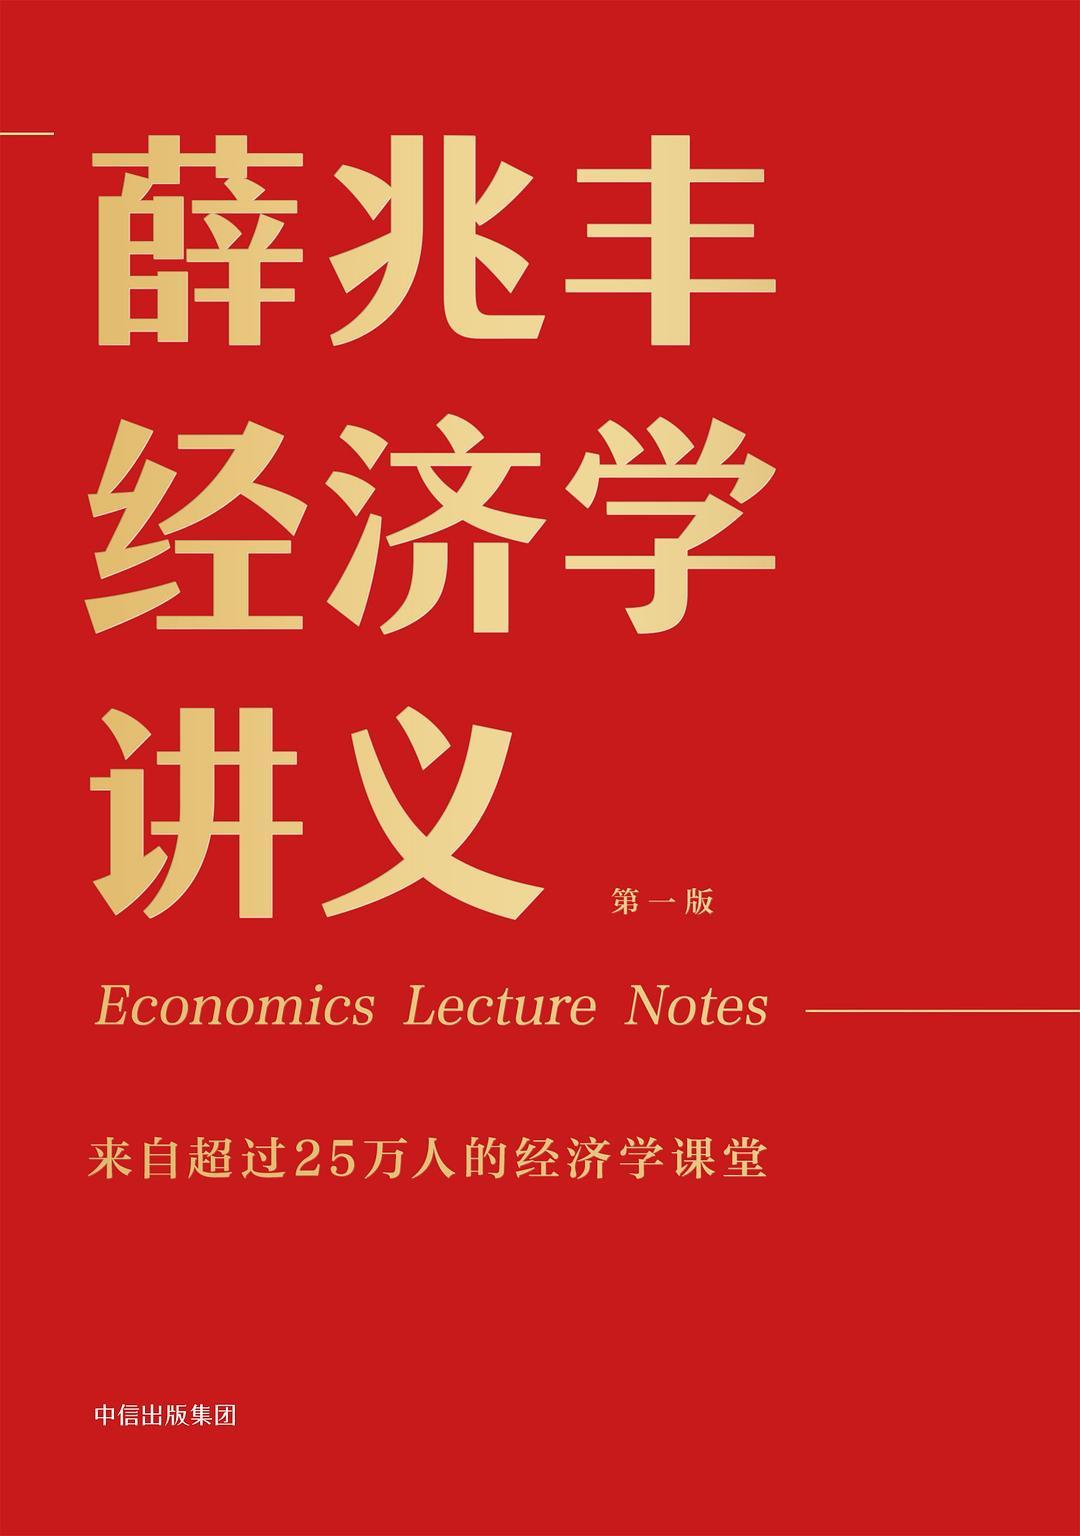 薛兆丰的经济学讲义.jpg